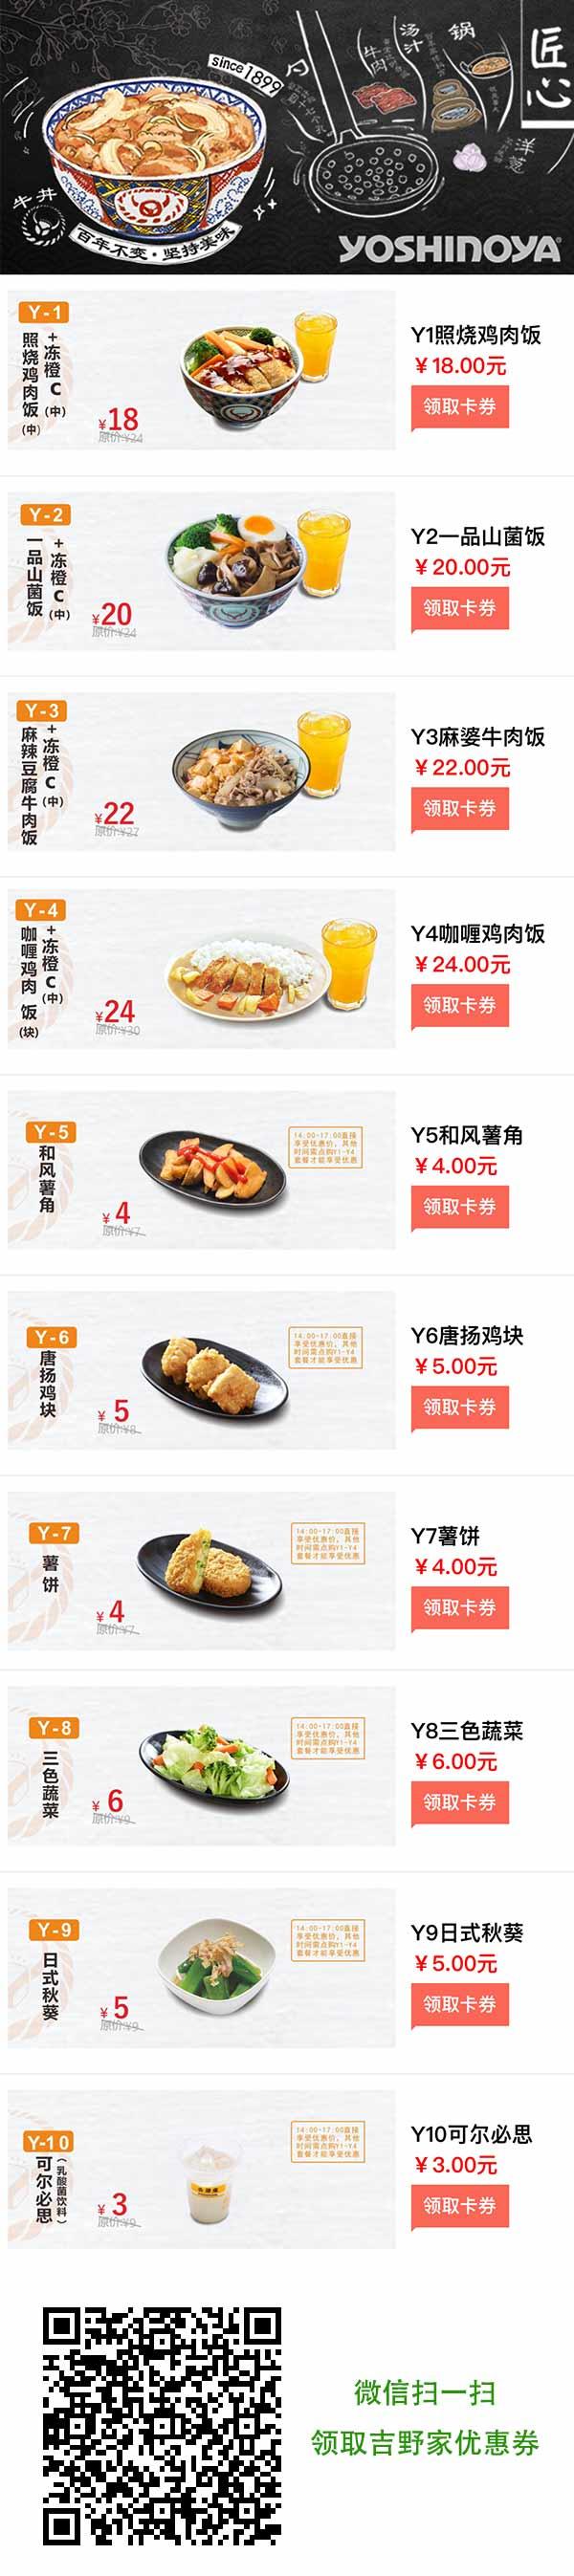 广东吉野家2018年11月12月优惠券,多款套餐美食享优惠价 有效期至:2018年12月31日 www.5ikfc.com